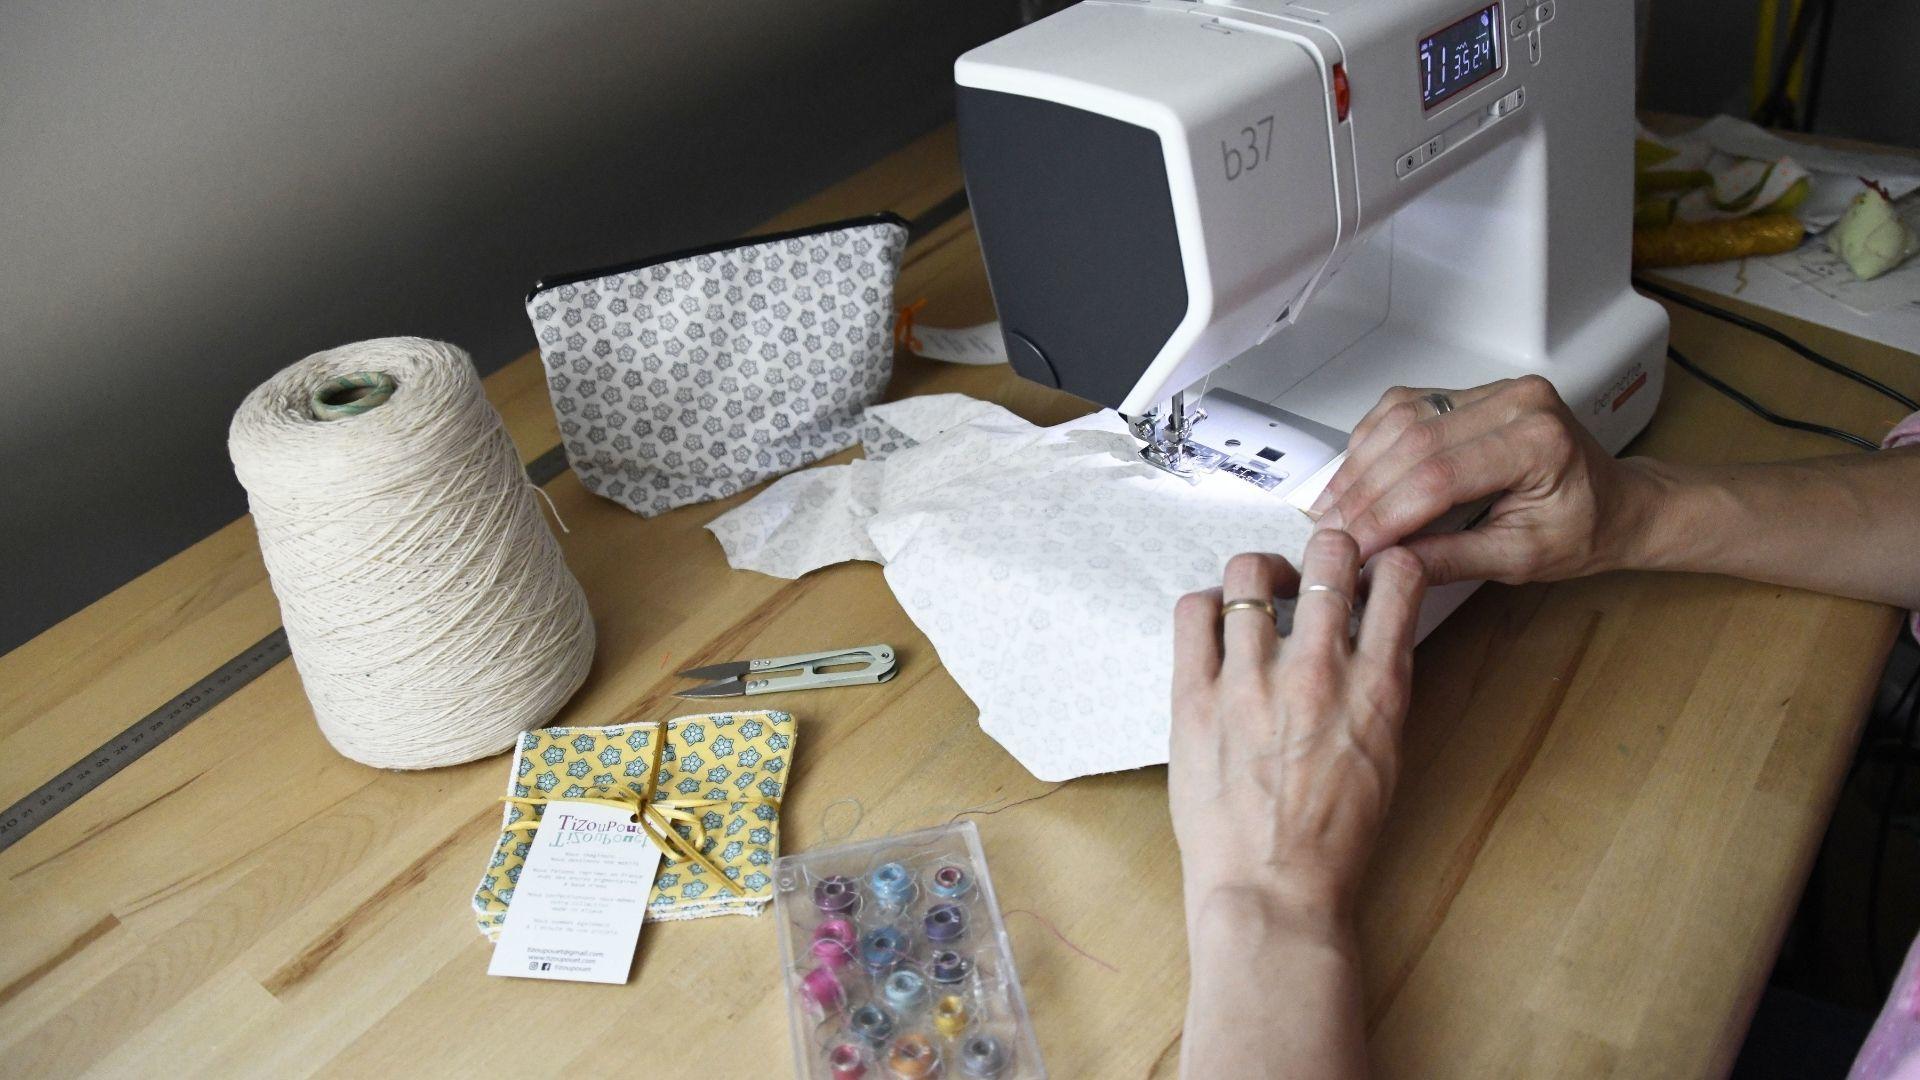 Tizoupouet accessoire de puériculture fait main dans l'agglo : Les produits sont confectionnés à la main